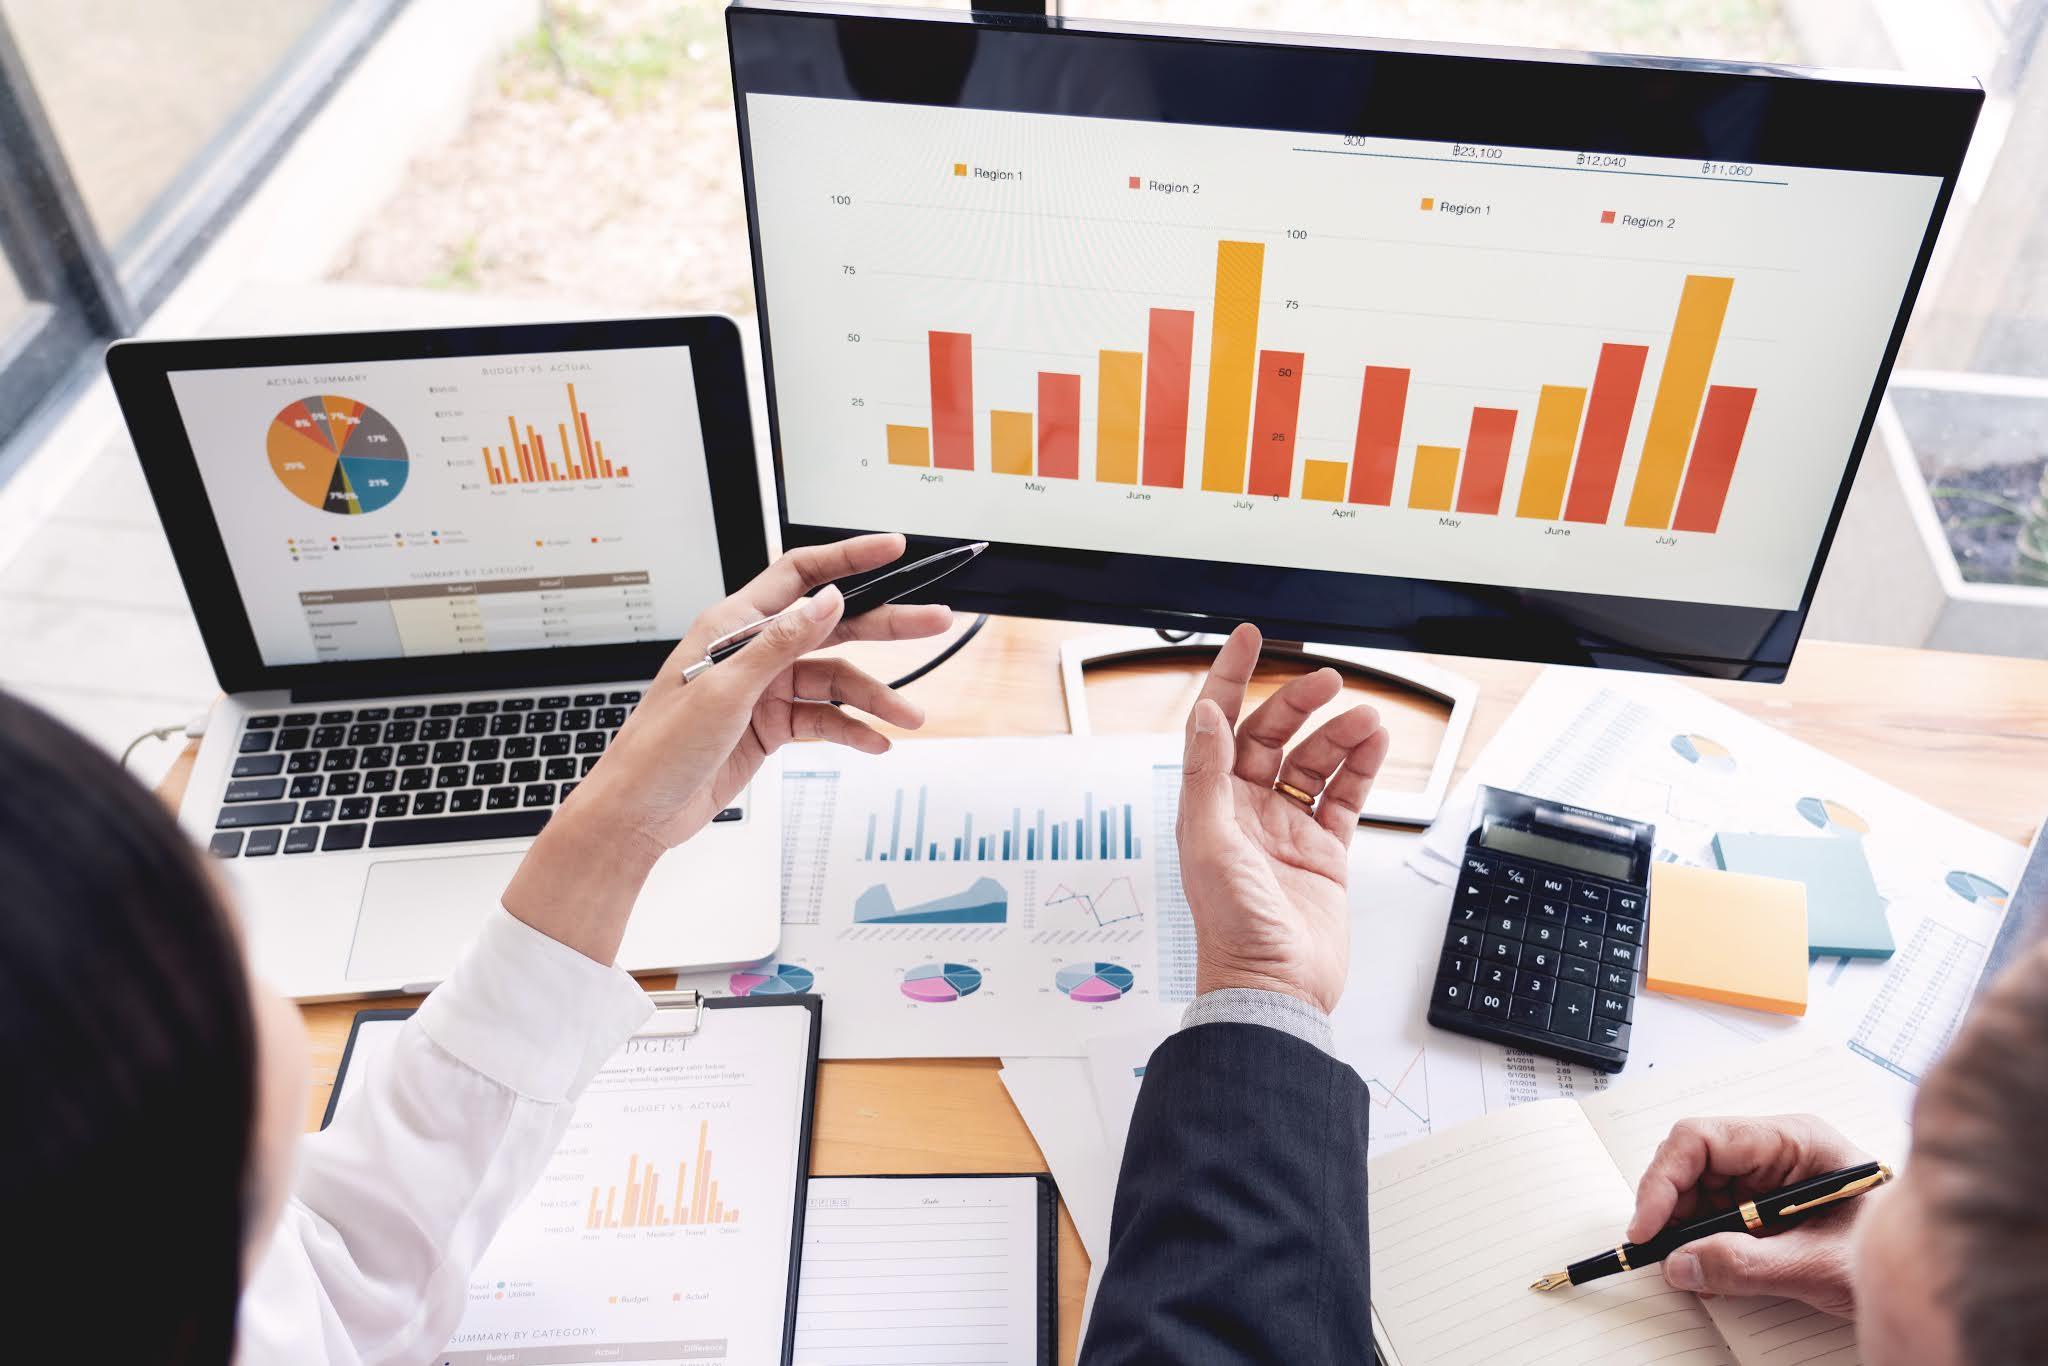 غرف التجارة العالمية تناقش إعادة تصميم استراتيجيات التحول الرقمي ما بعد كورونا